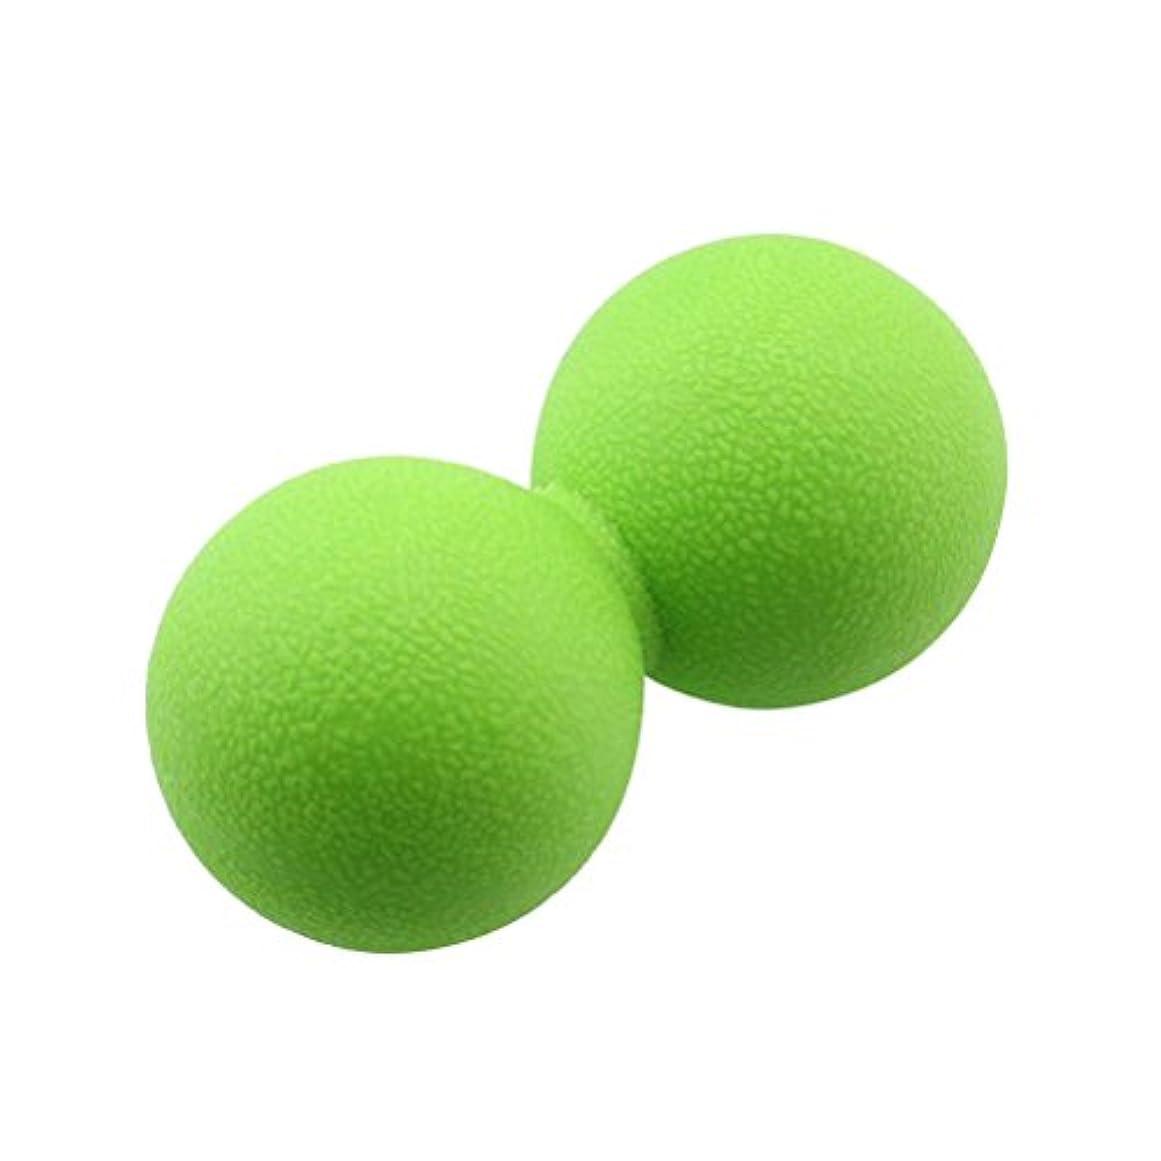 説得力のある哲学的盆地VORCOOL マッサージボール ストレッチボール ハードタイプ トリガーポイント トレーニング 背中 肩こり 腰 ふくらはぎ 足裏 ツボ押しグッズ スーパーハードタイプ 筋肉痛を改善 運動前後(緑)